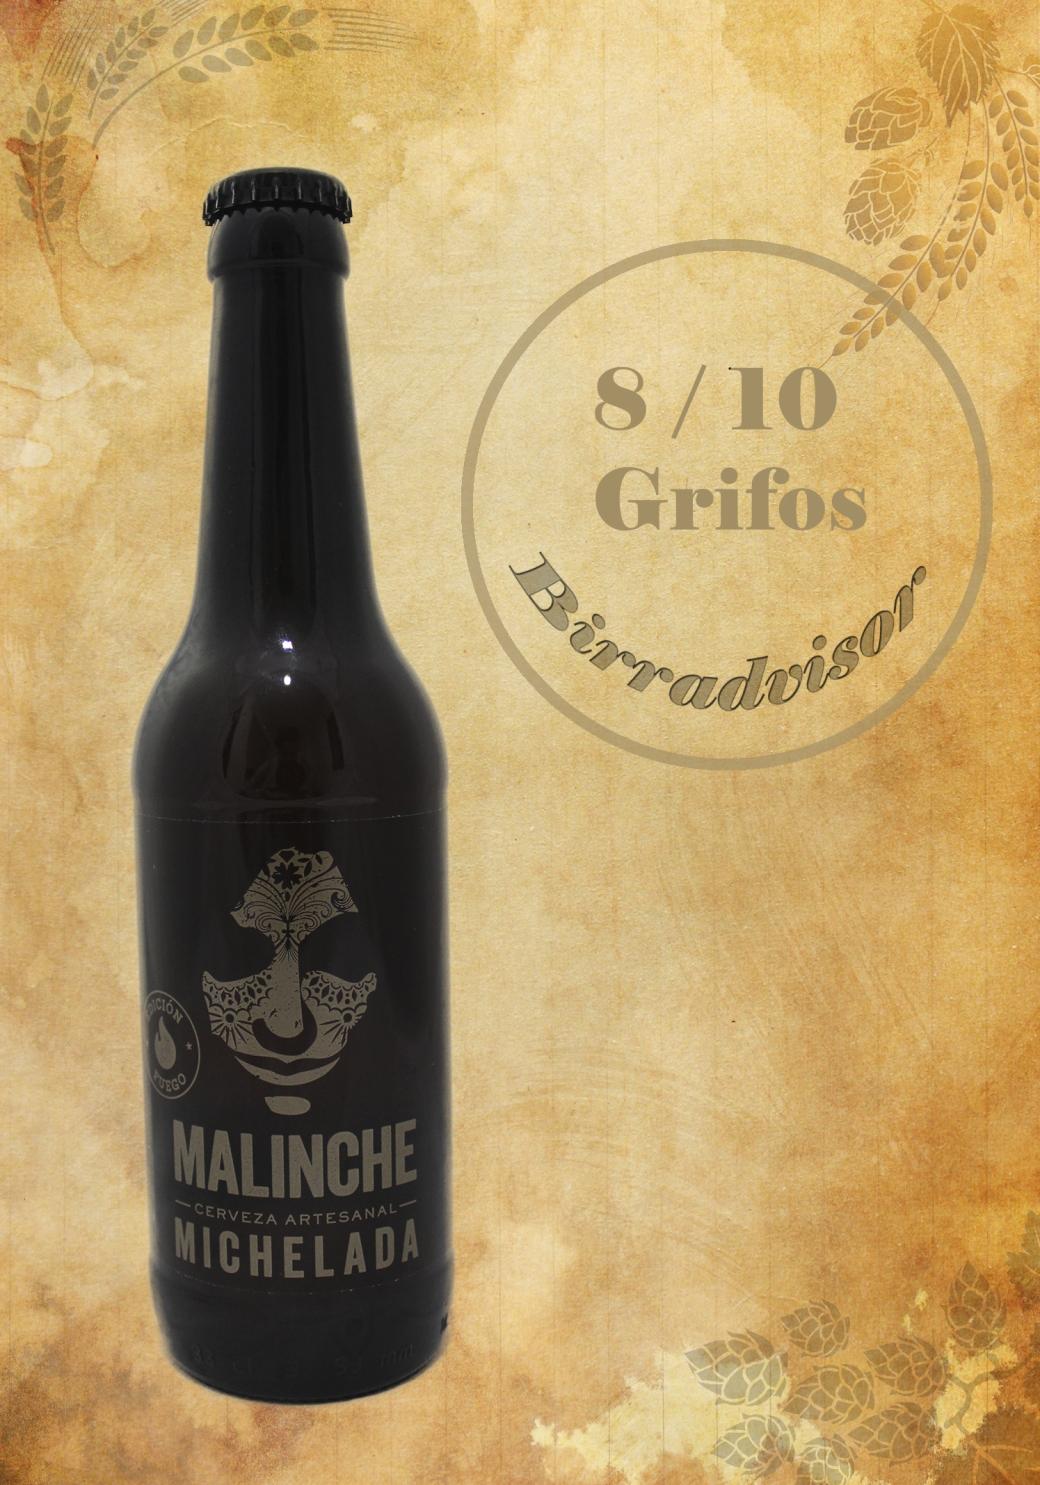 Malinche Michelada (fuego)